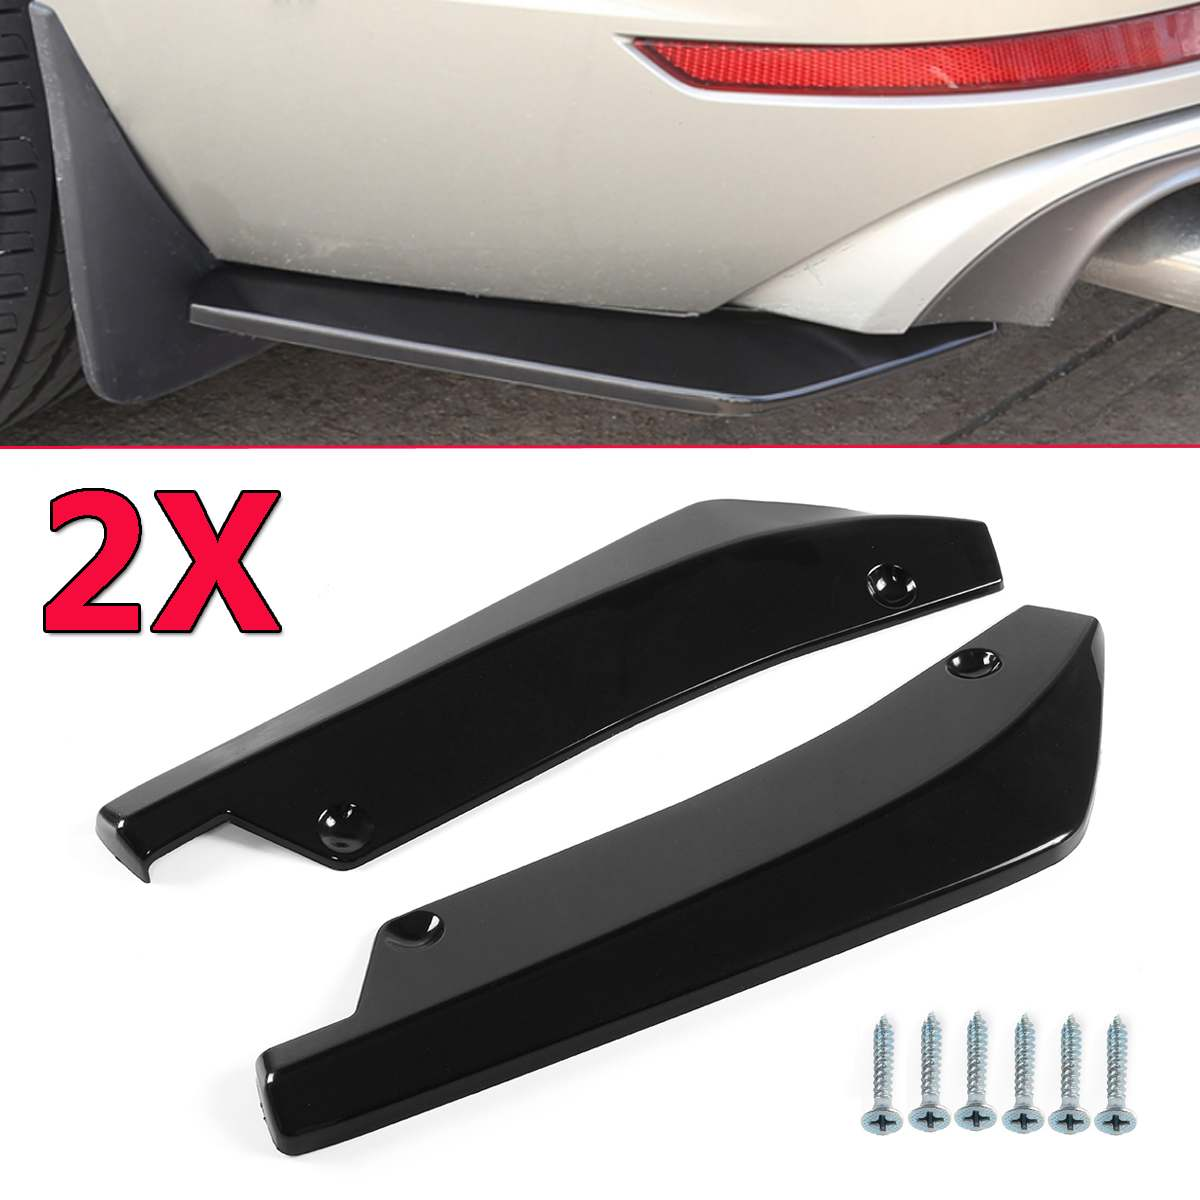 2 uds Universal con apariencia de fibra de carbono/Negro parachoques trasero del coche difusor de labio Splitter Canard Spoiler Protector para Benz, para BMW para Ford